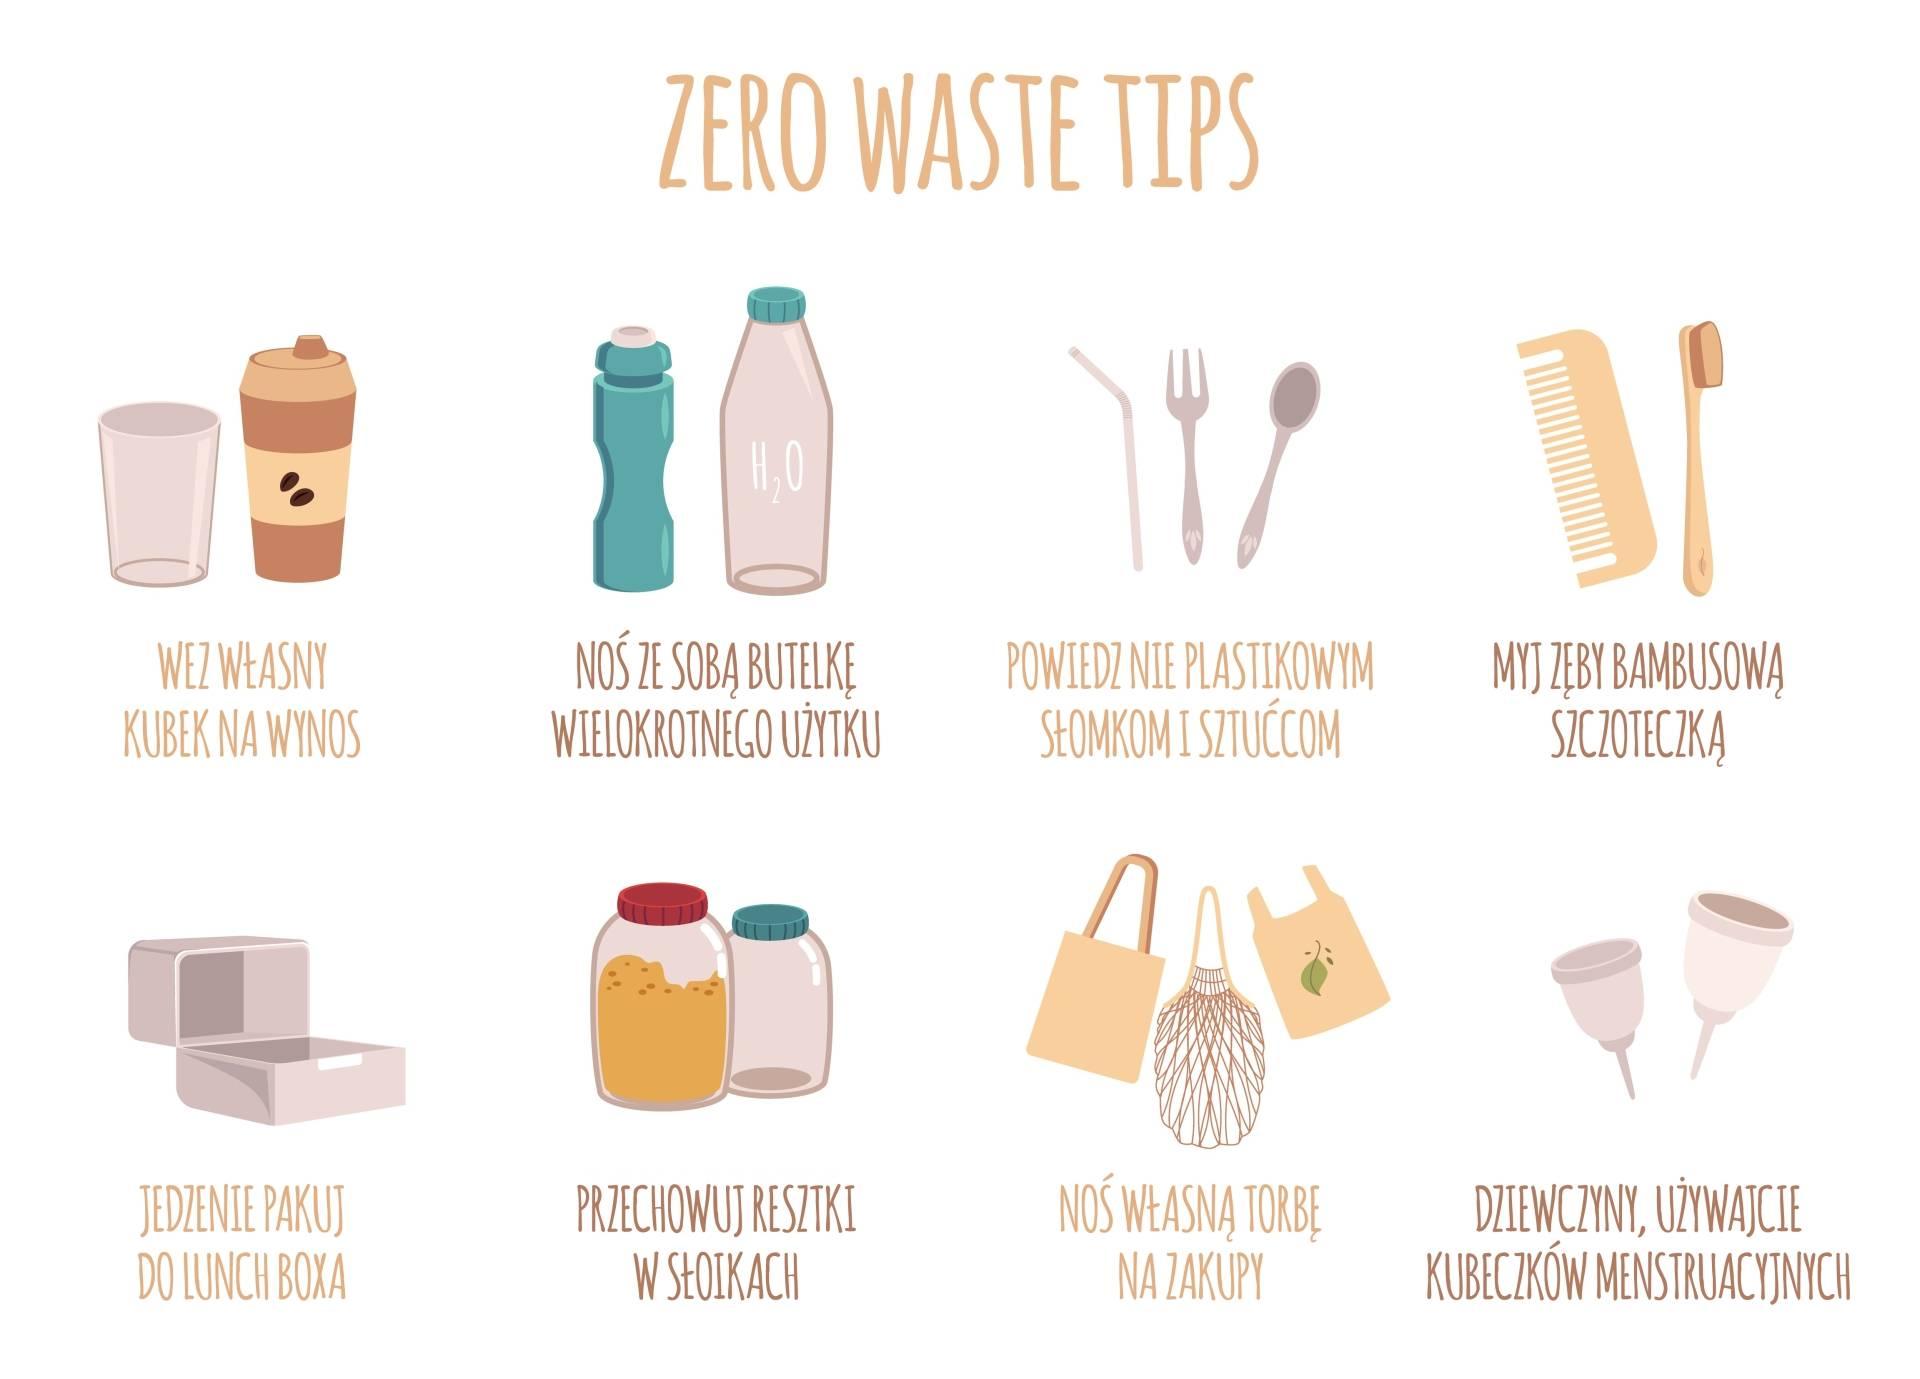 Zasady zero waste - infografika.